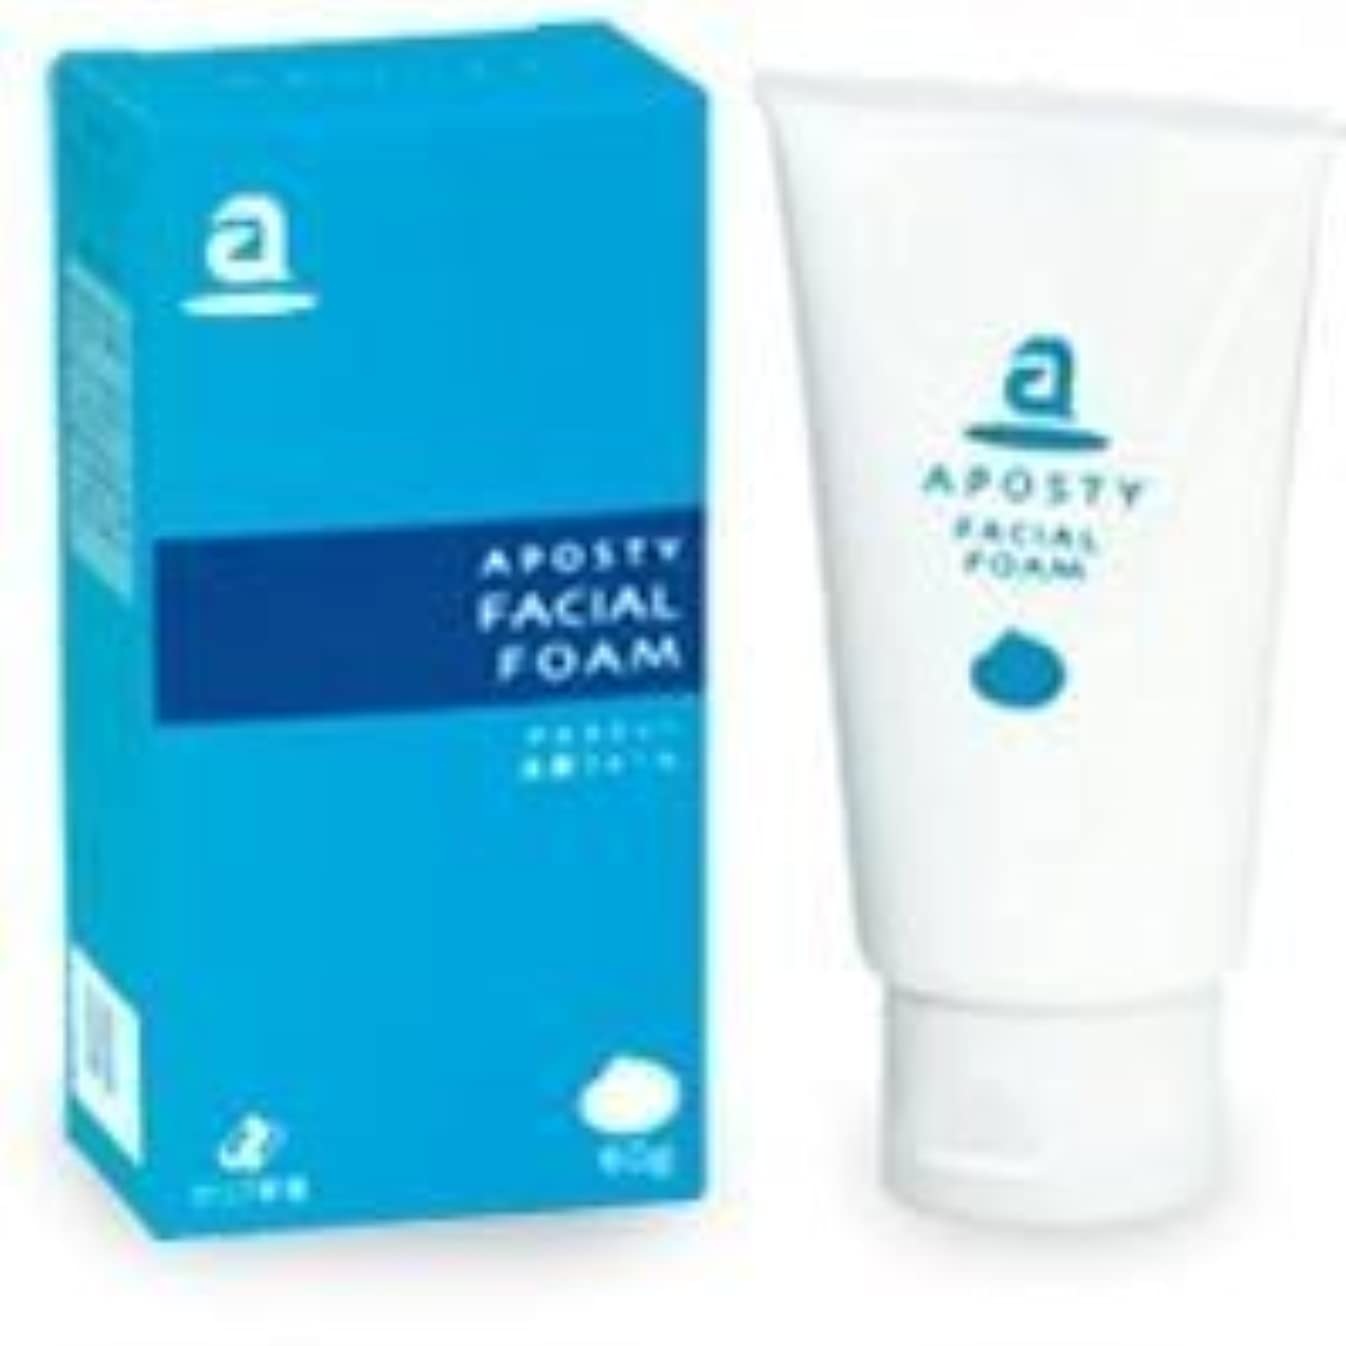 再生可能除外するなしでゼリア新薬 アポスティー洗顔フォーム120g